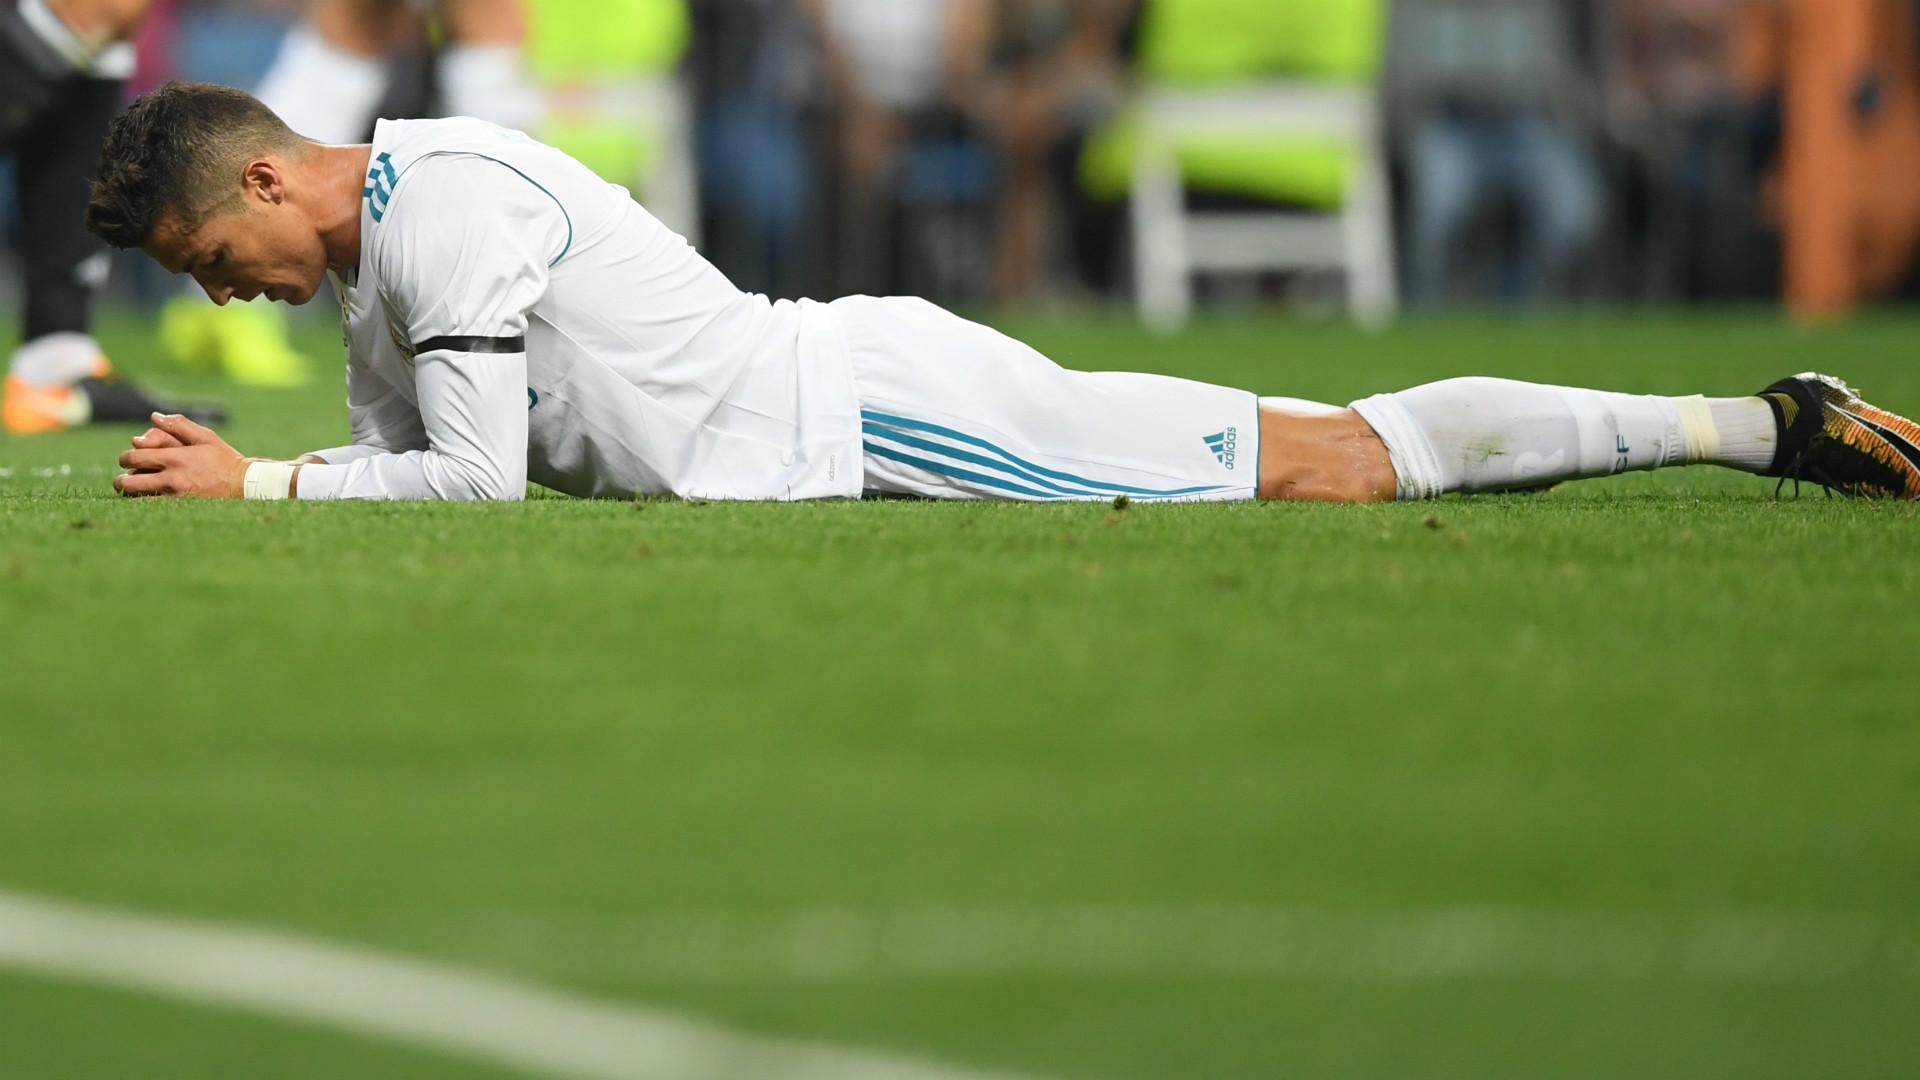 Lesionado, Marcelo para por um mês e desfalca Real Madrid e seleção